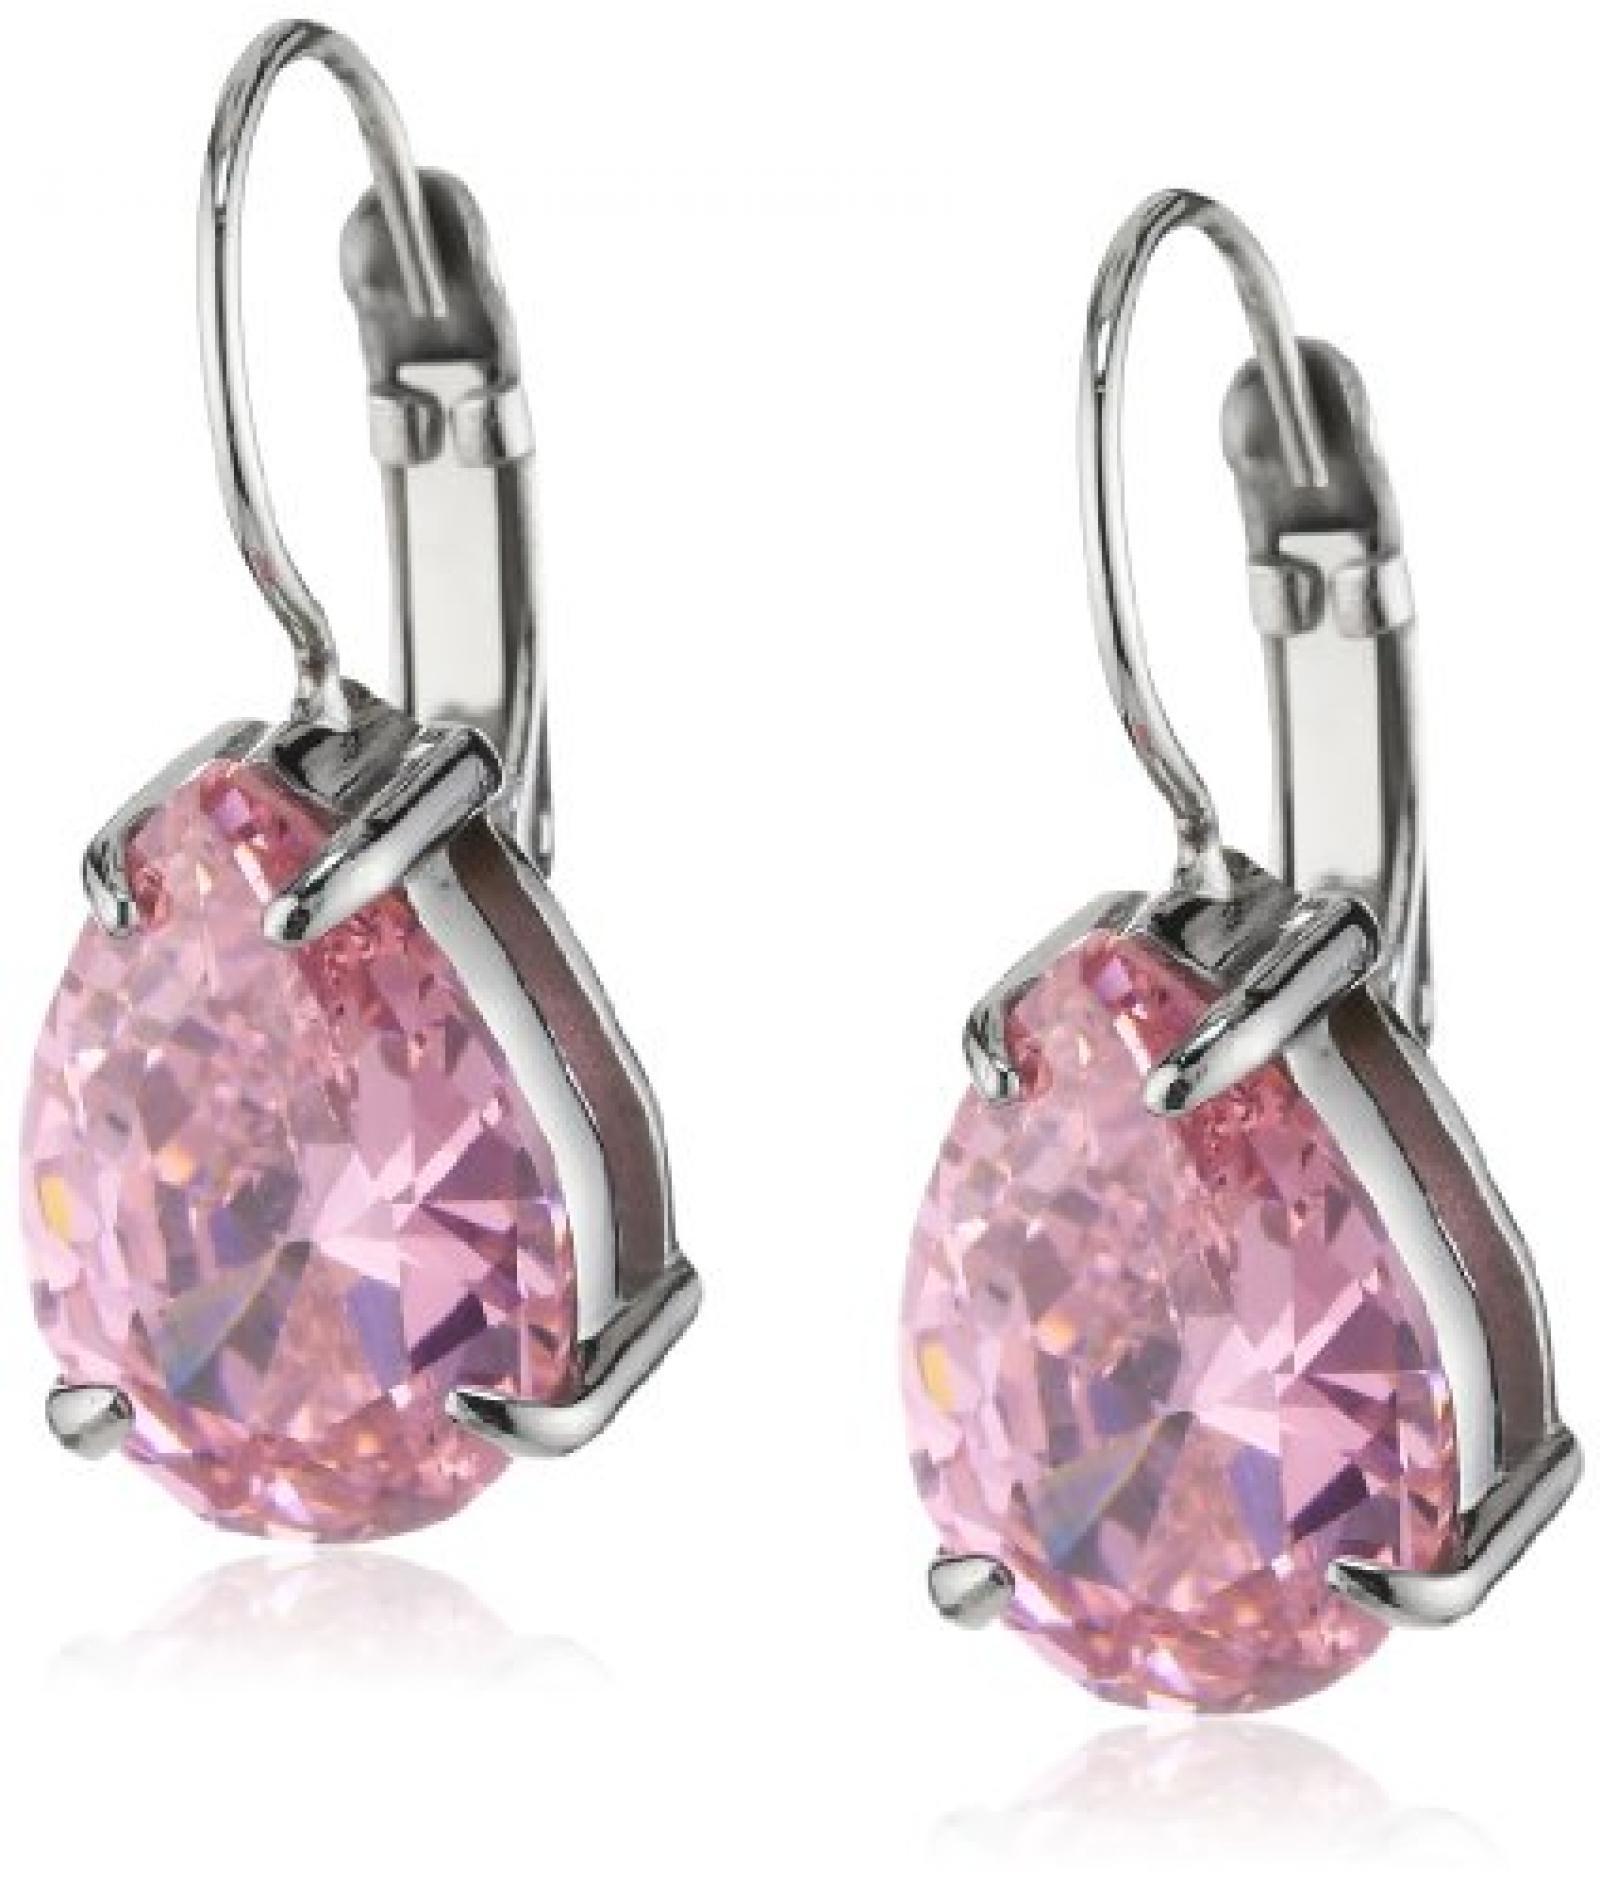 Dyrberg/Kern Damen-Ohrhänger Edelstahl Kristall pink 335330